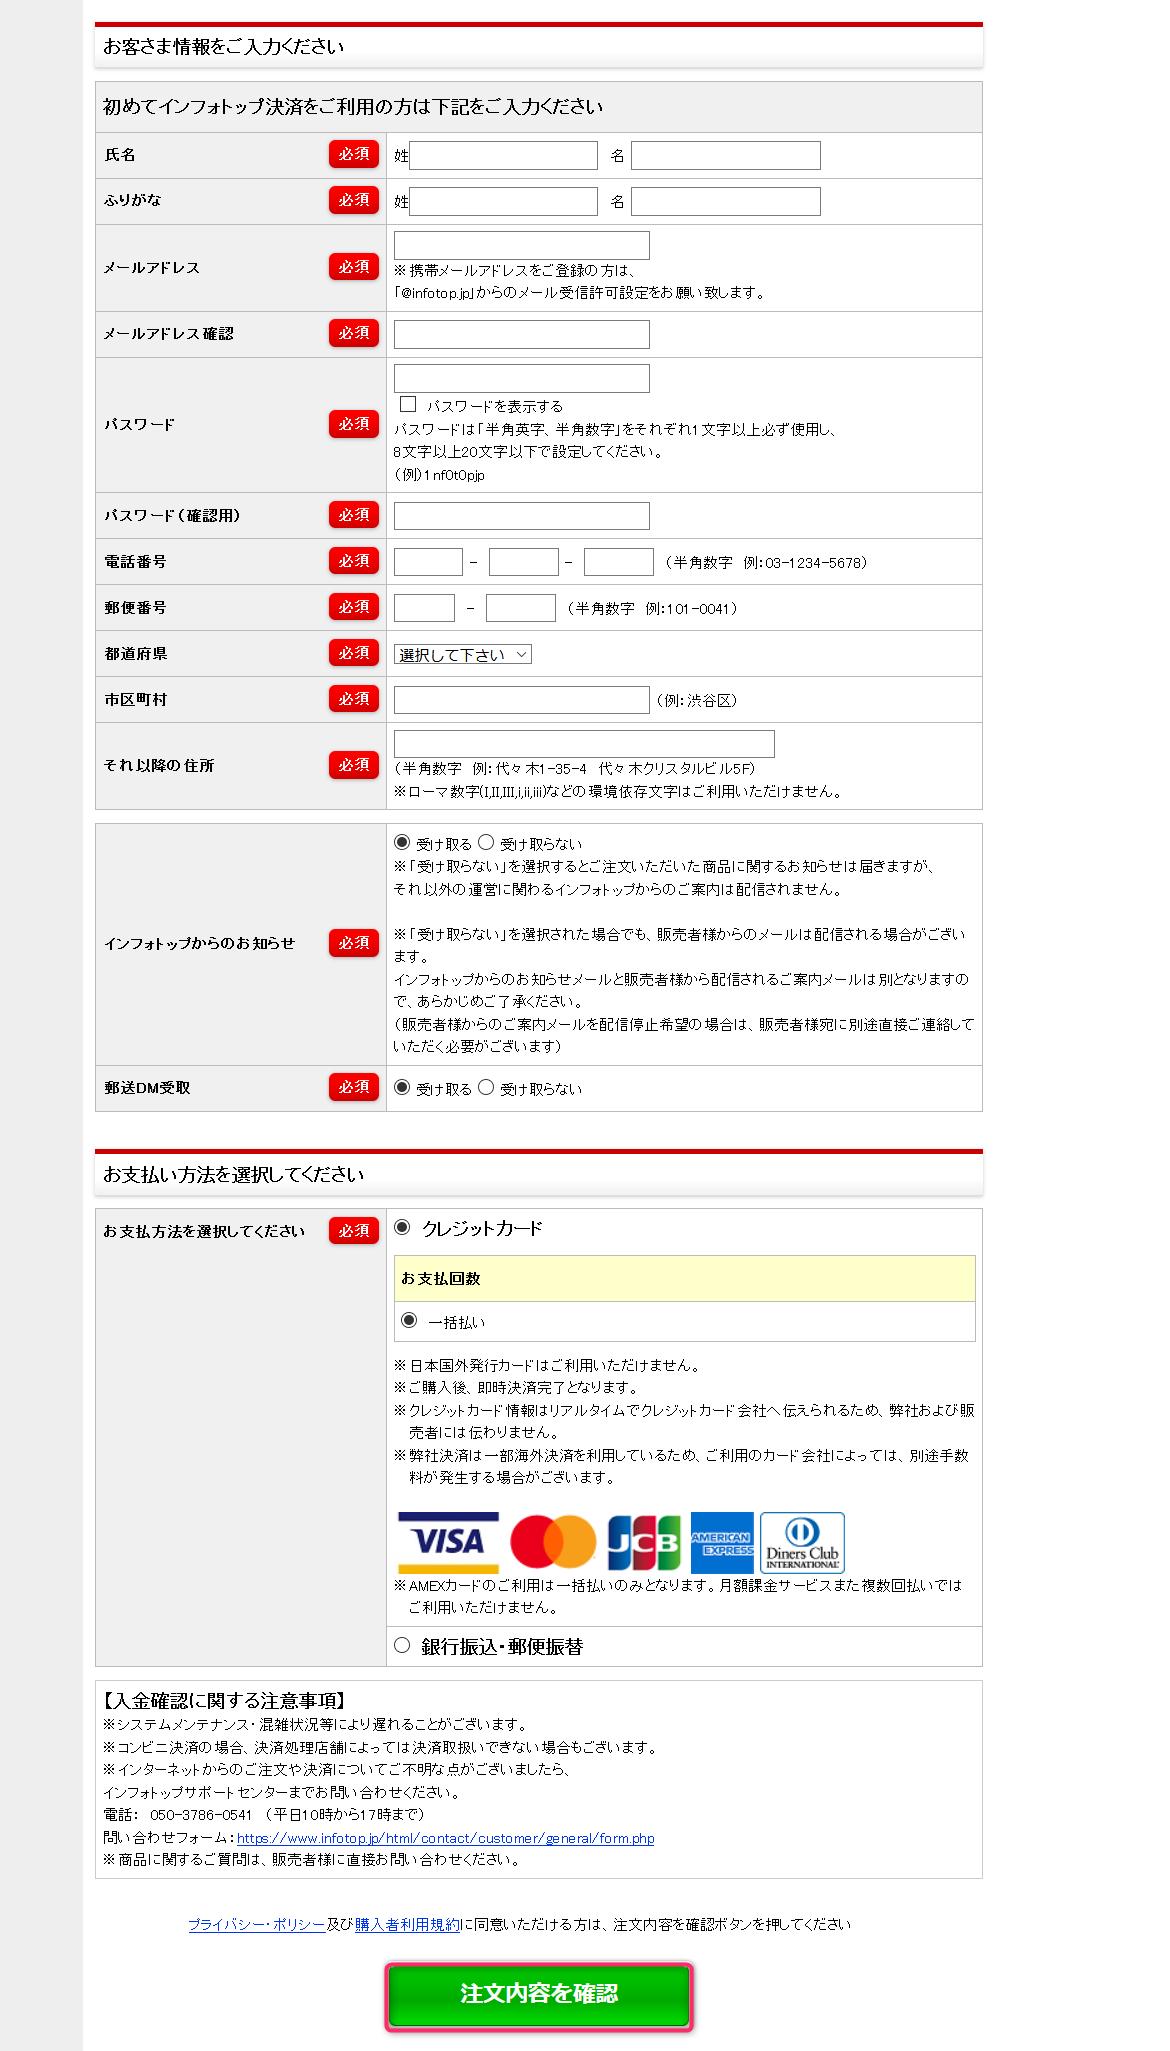 お客様情報とお支払方法の選択